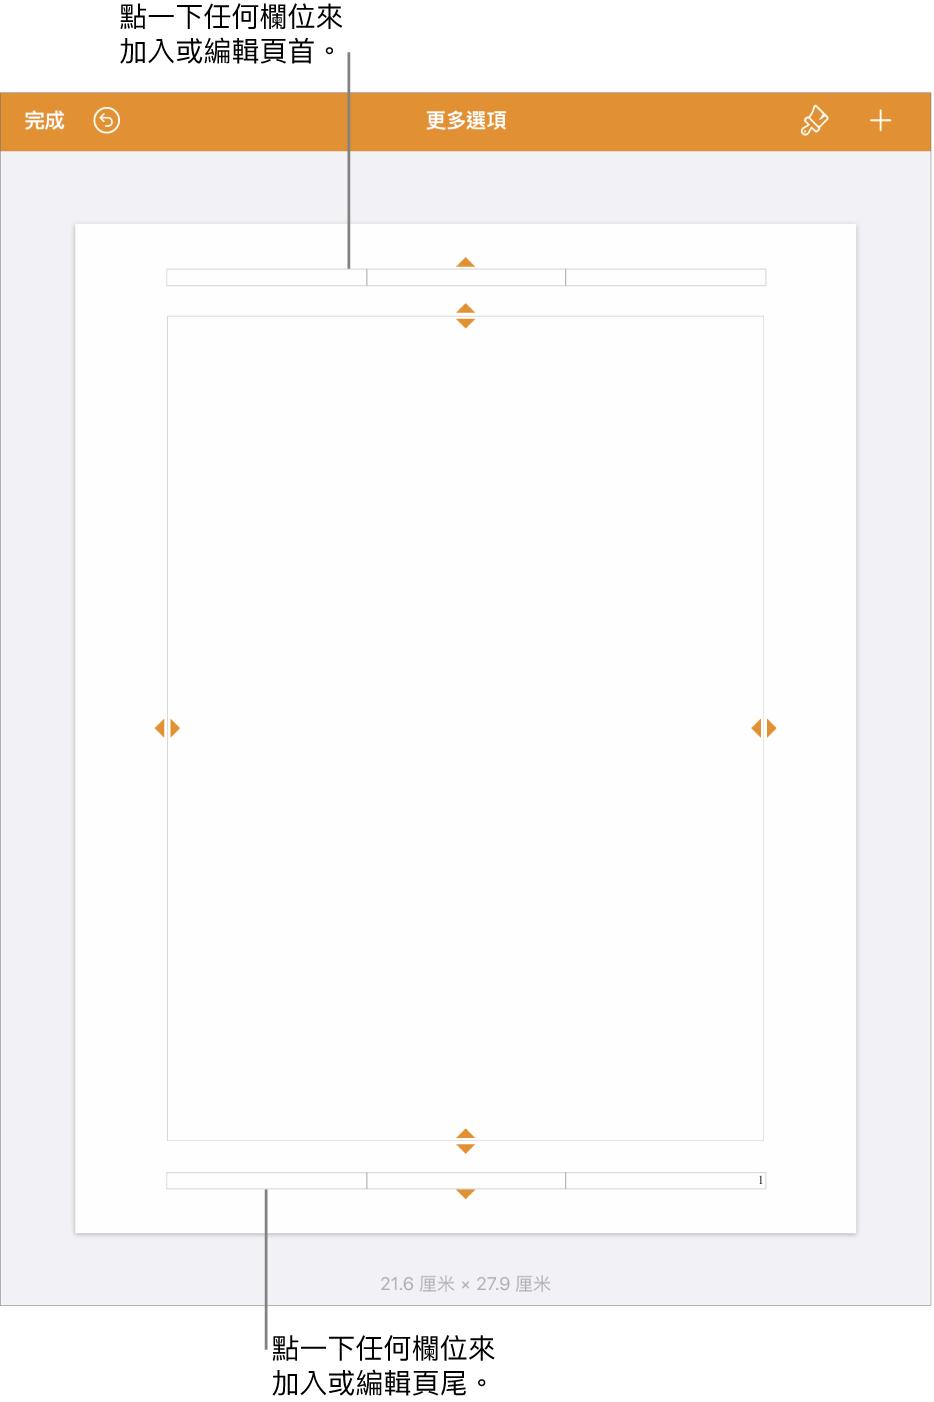 「更多選項」顯示方式中,文件最上方的三個頁首的欄位和底部三個頁尾的欄位。